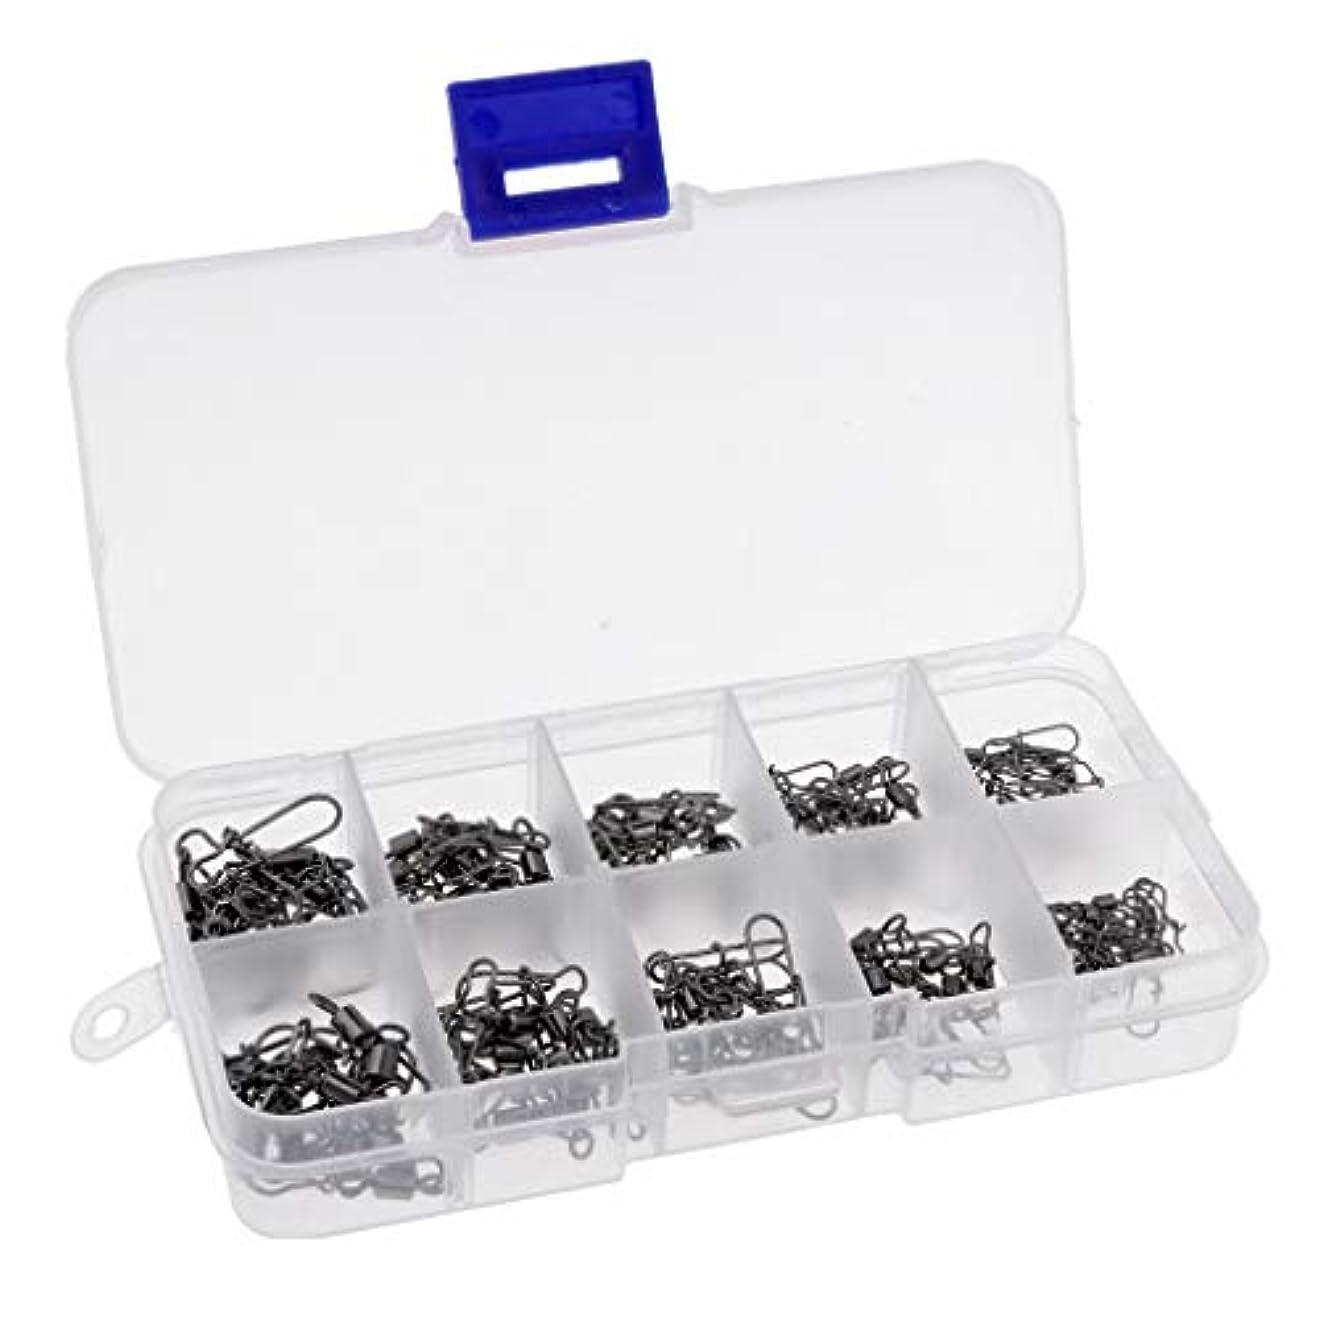 保持集まるテレマコスFenteer 回転スイベル 釣りスナップ コネクタ 高炭素鋼 約100点 混合サイズ 耐久性 タックルボックス付き